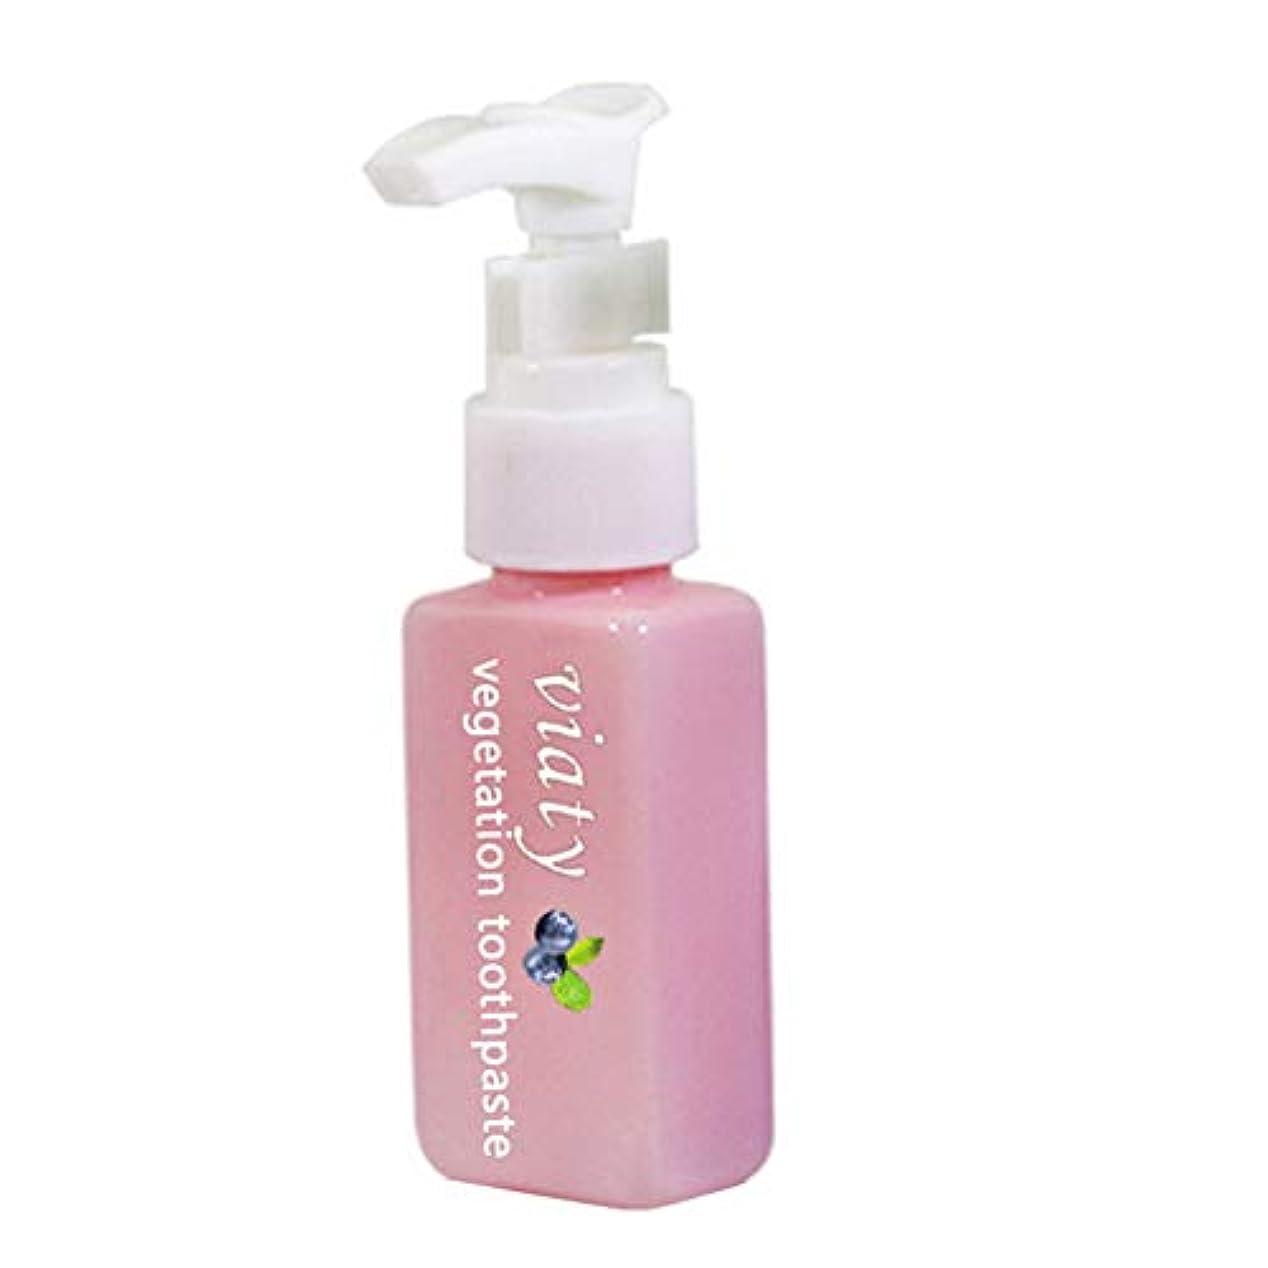 敬な衣類先のことを考えるTenflyer歯磨き粉アンチブリードガムプレスタイプ新鮮な歯磨き粉を白くする汚れ除去剤